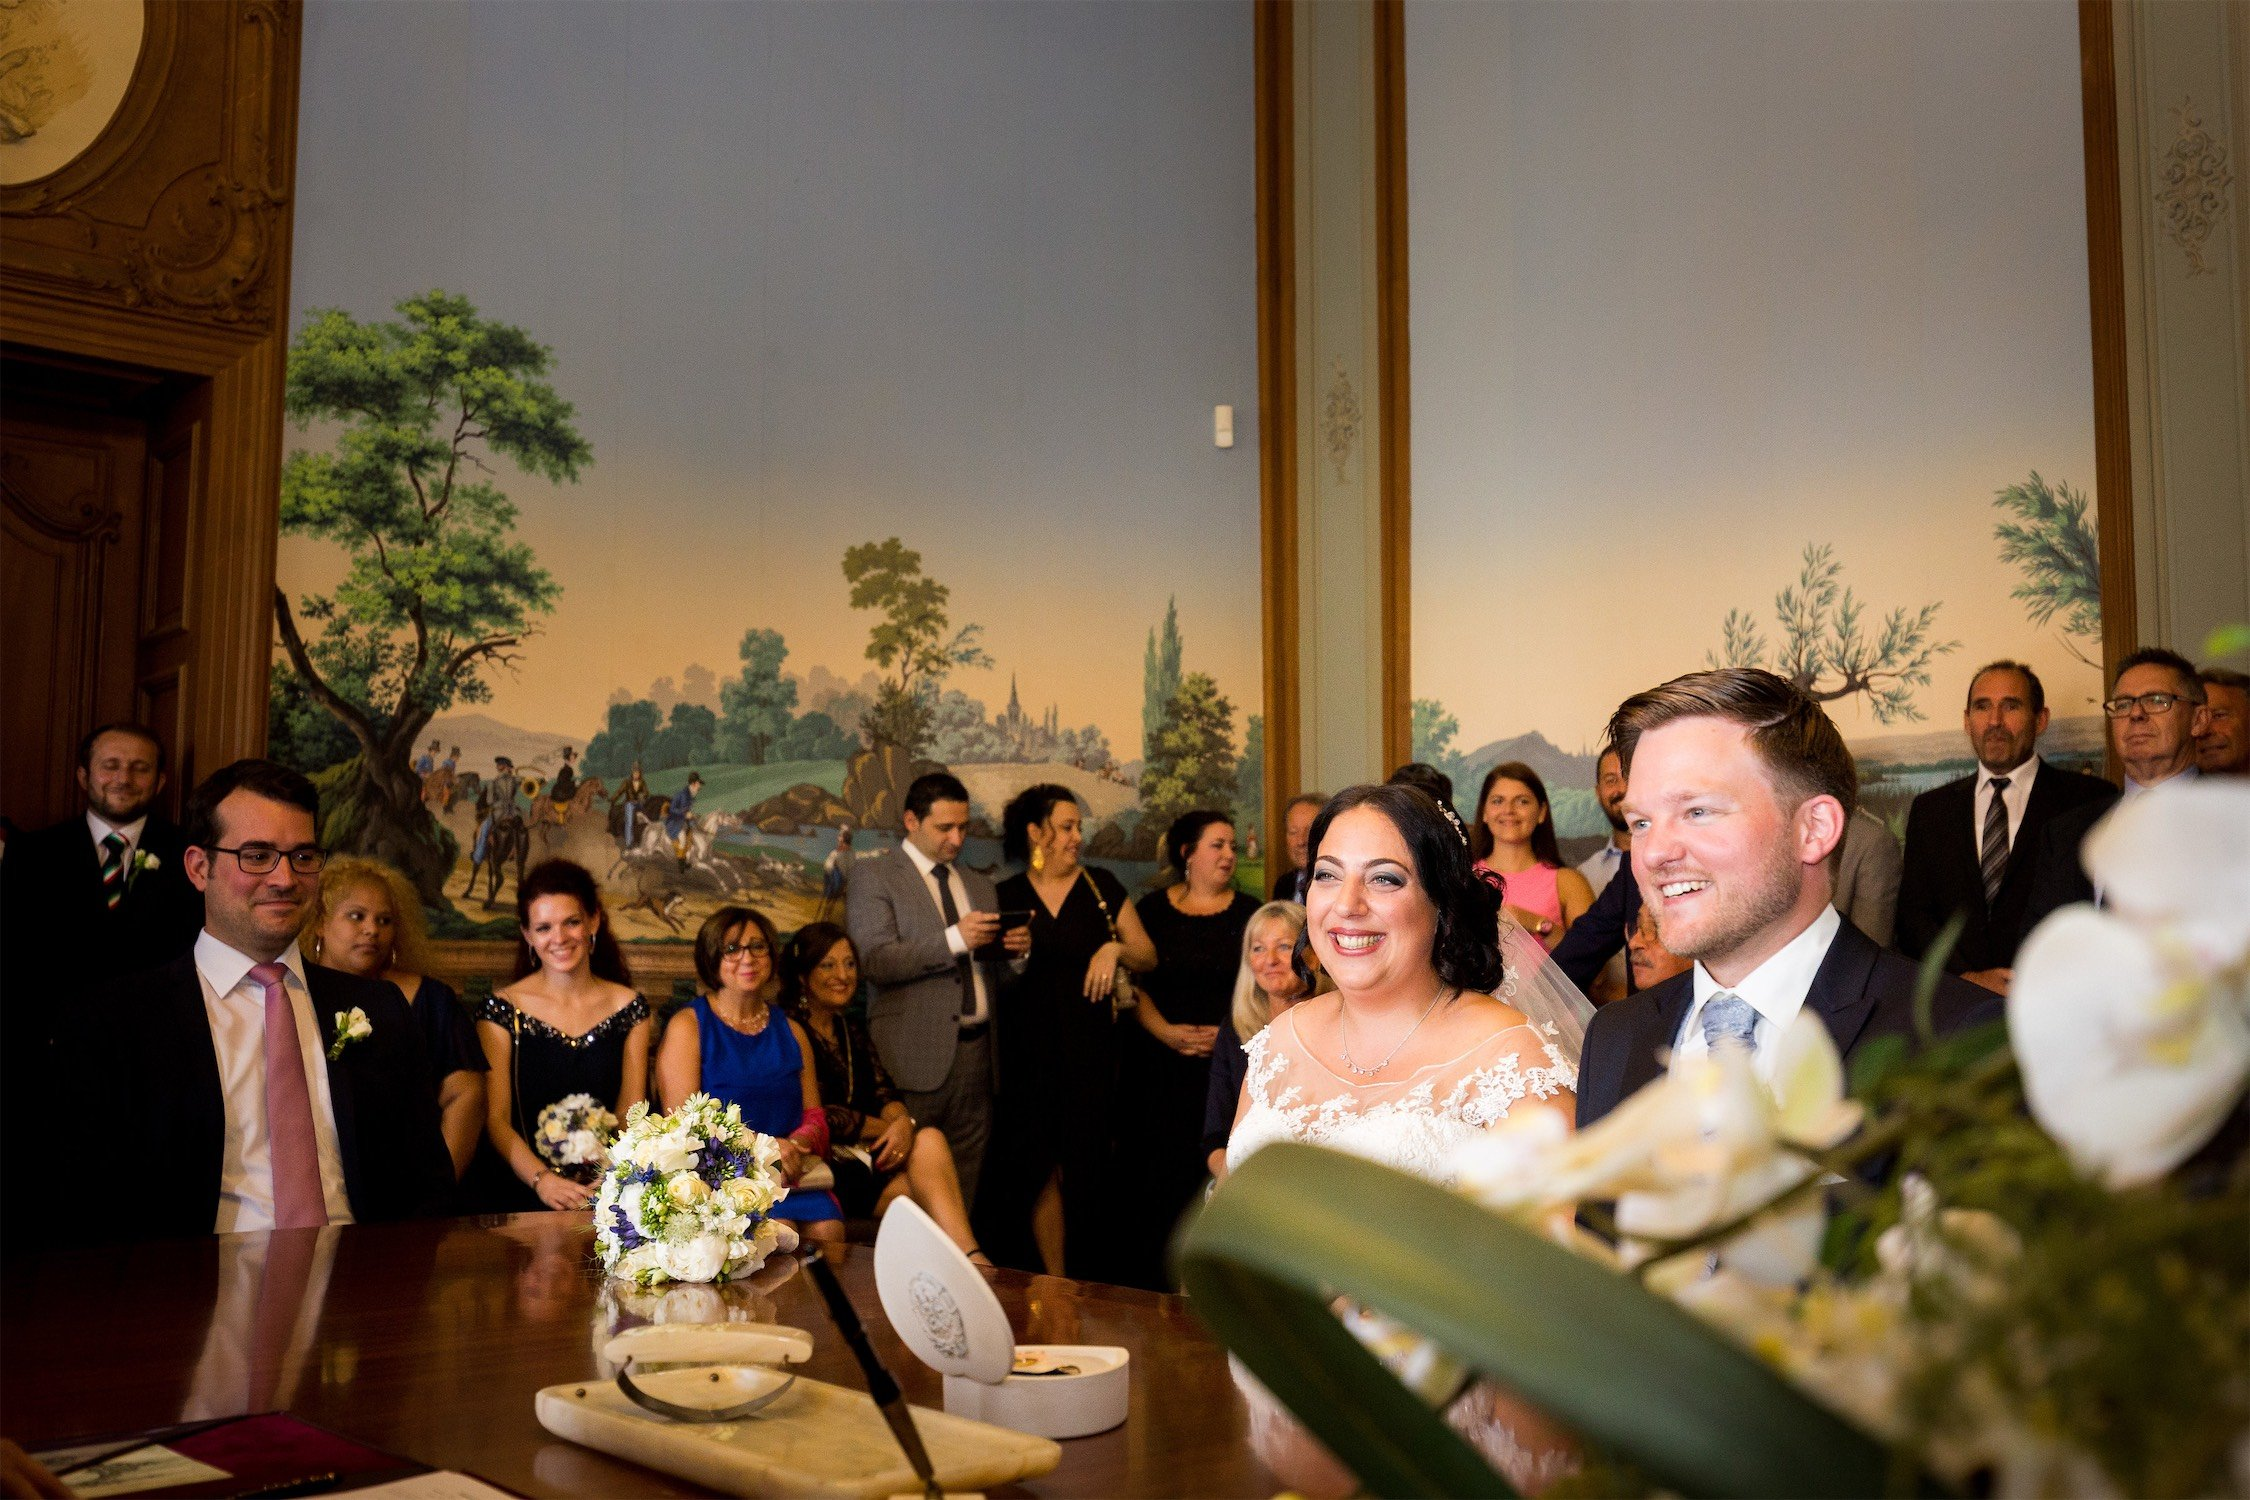 Hochzeit im Schloss Phillipsruhe mit anschließender Feier im Landgasthof Neubauer